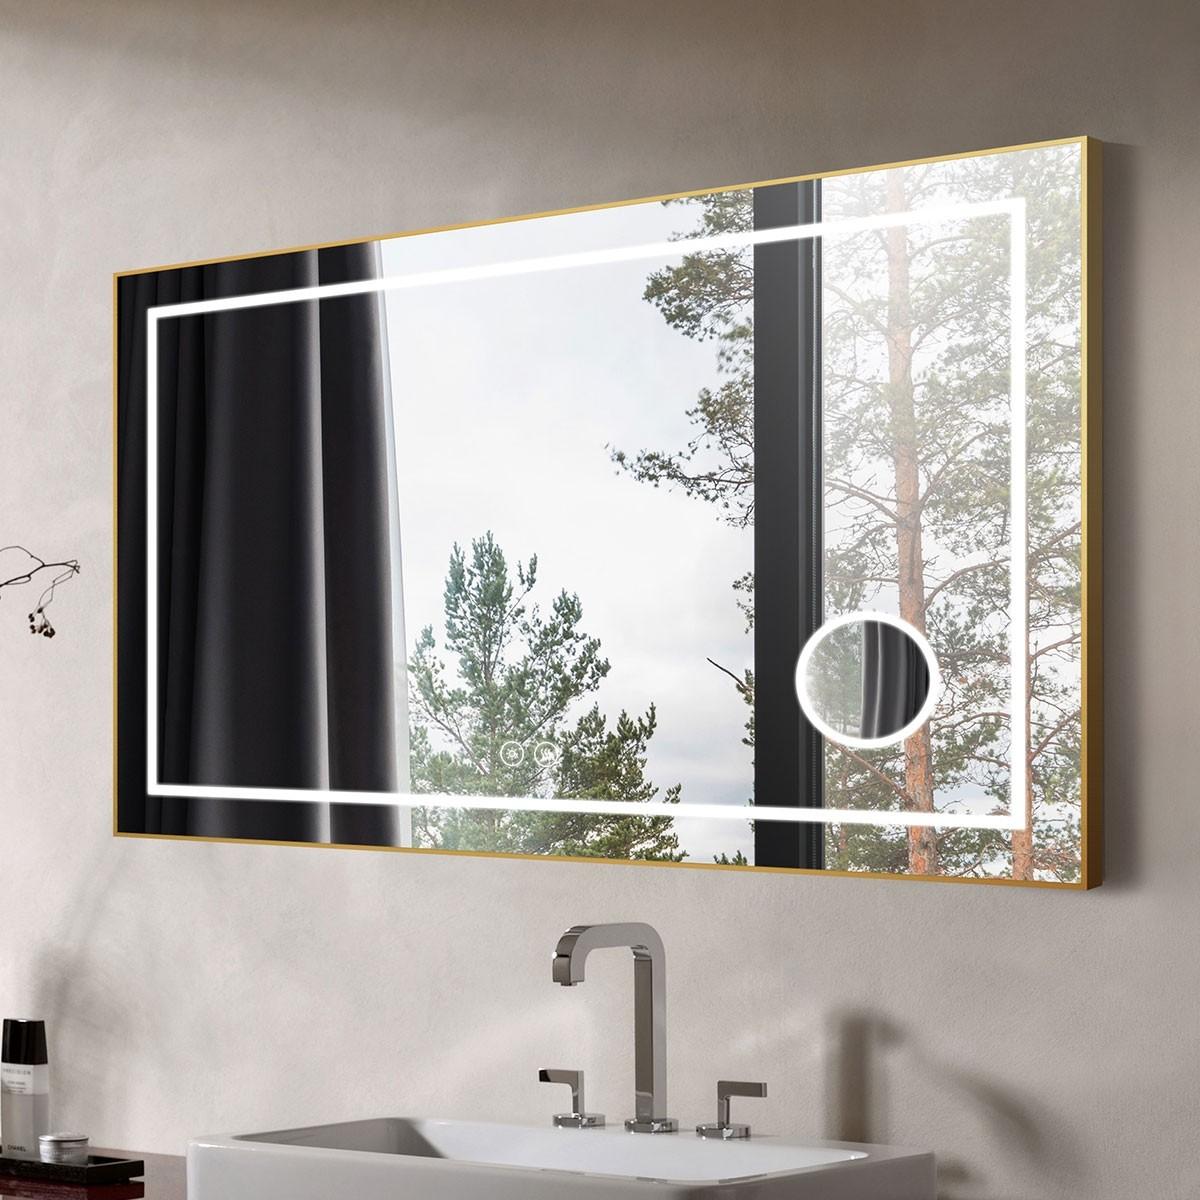 DECORAPORT 55 x 36 Po Miroir de Salle de Bain LED avec Bouton Tactile, Luxe Légère, Anti-Buée, Luminosité Réglable, Bluetooth, Loupe, Montage Horizontal(D721-5536AC)